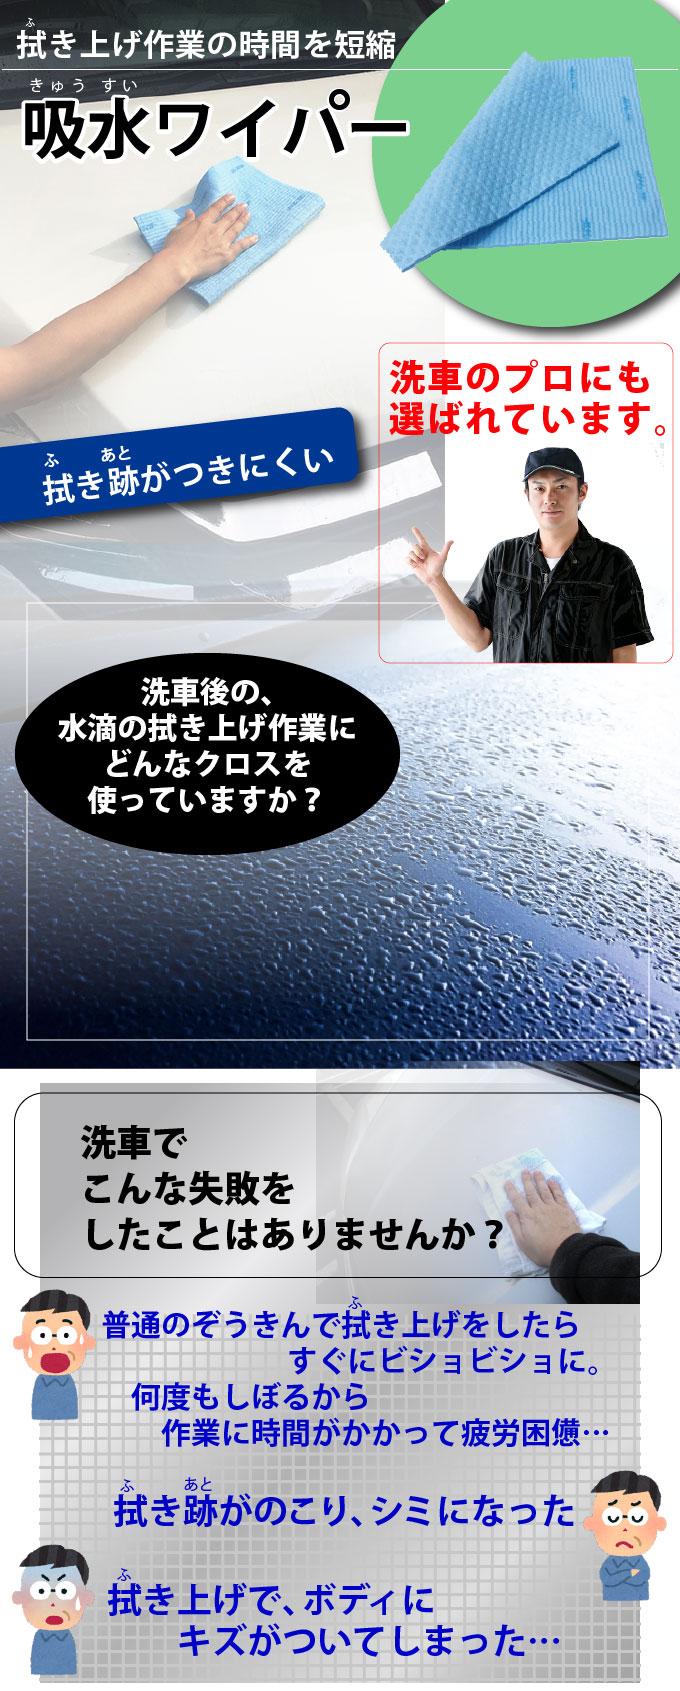 吸水ワイパー_商品説明1